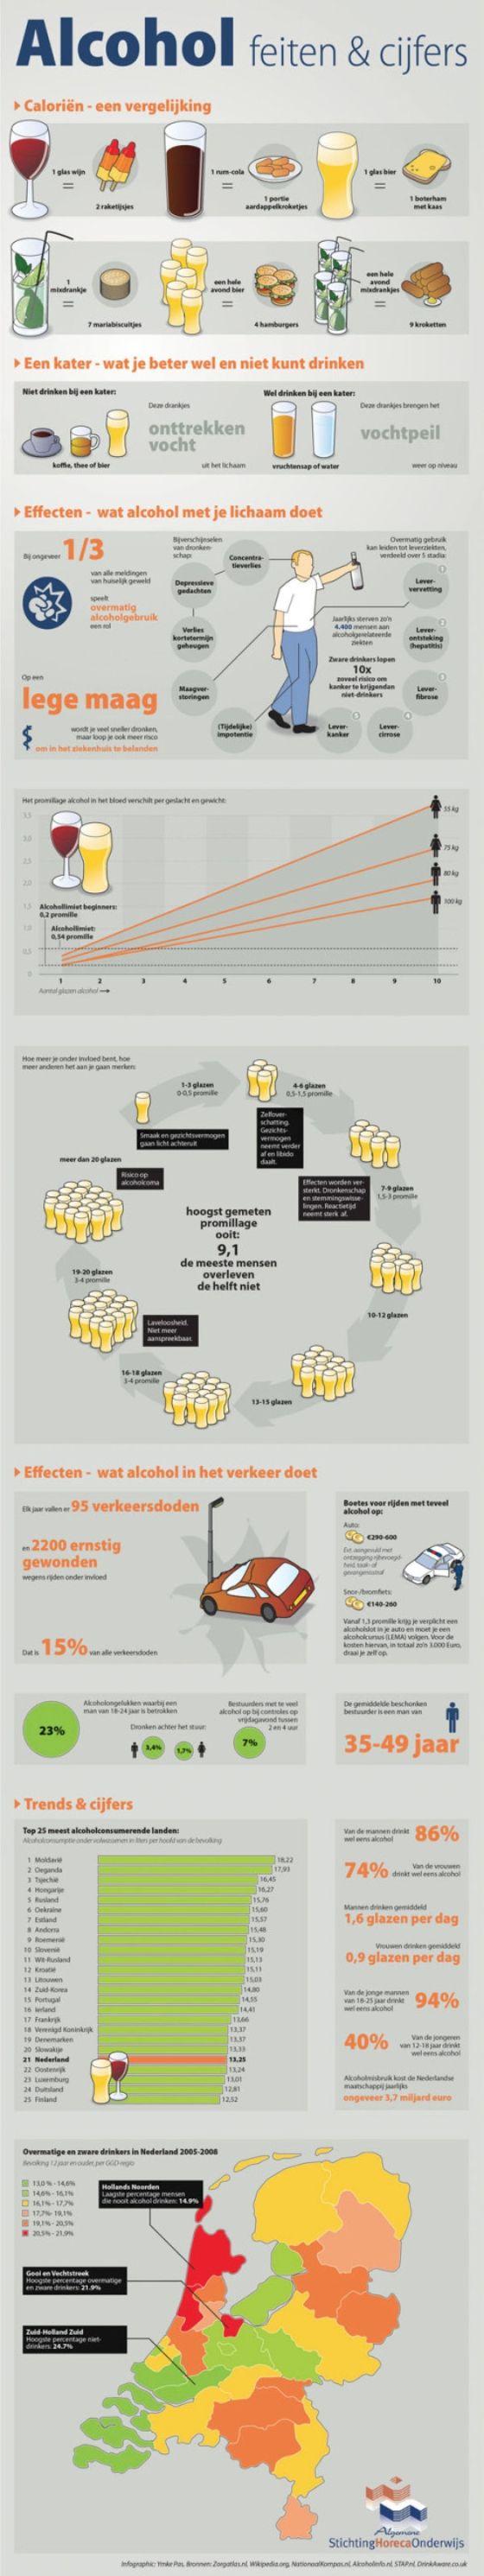 Dacht dat een biertje in calorieën vergelijkbaar was met 2 bruine boterhammen met kaas was, niet 1...